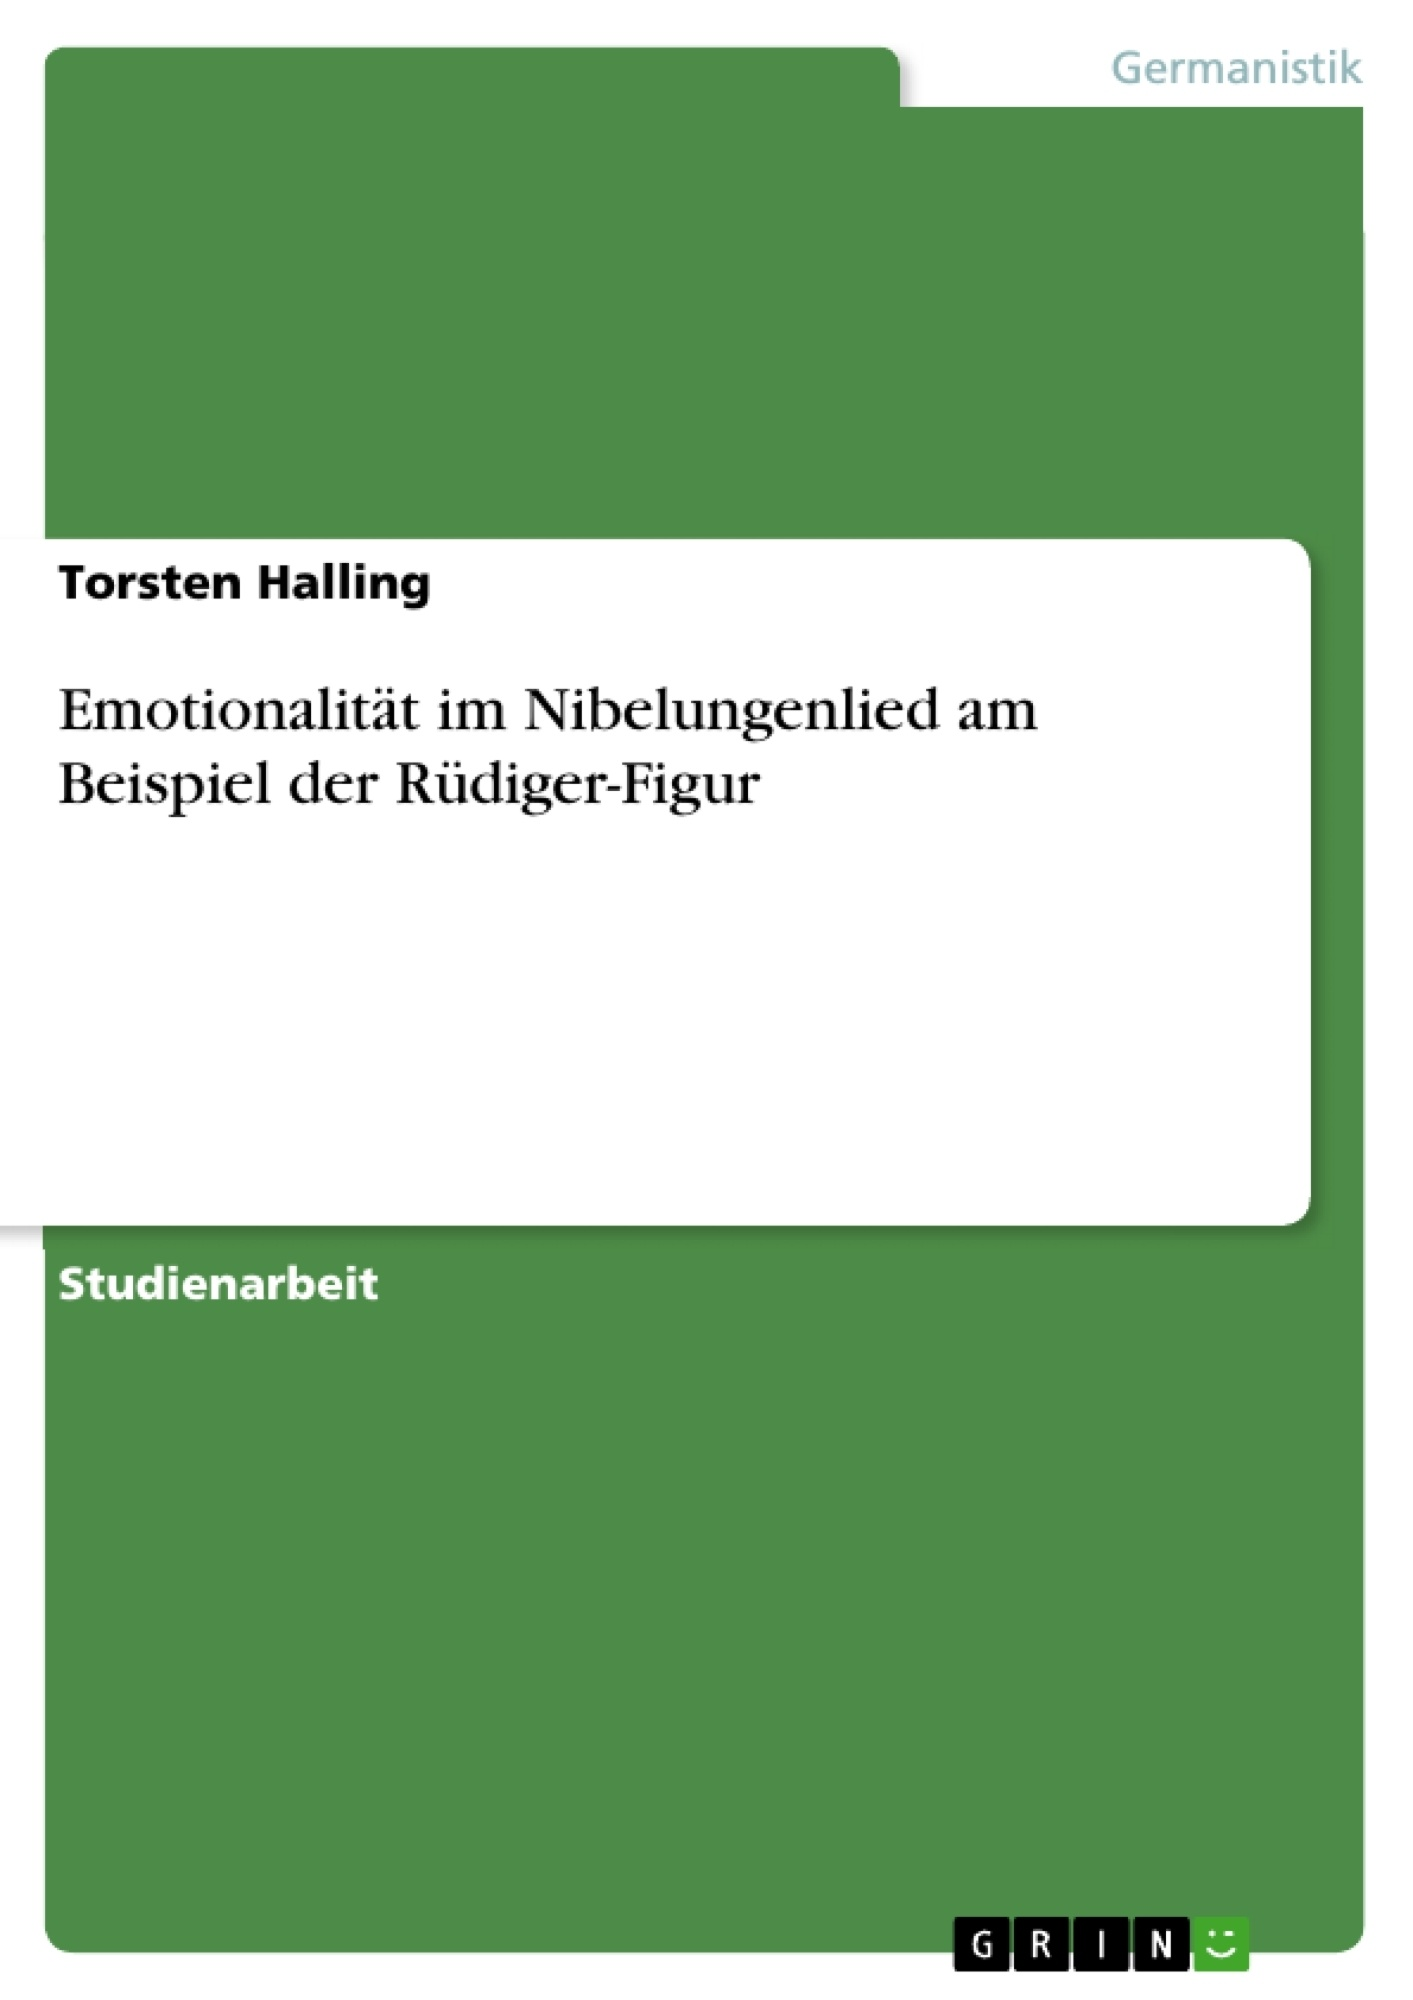 Titel: Emotionalität im Nibelungenlied am Beispiel der Rüdiger-Figur